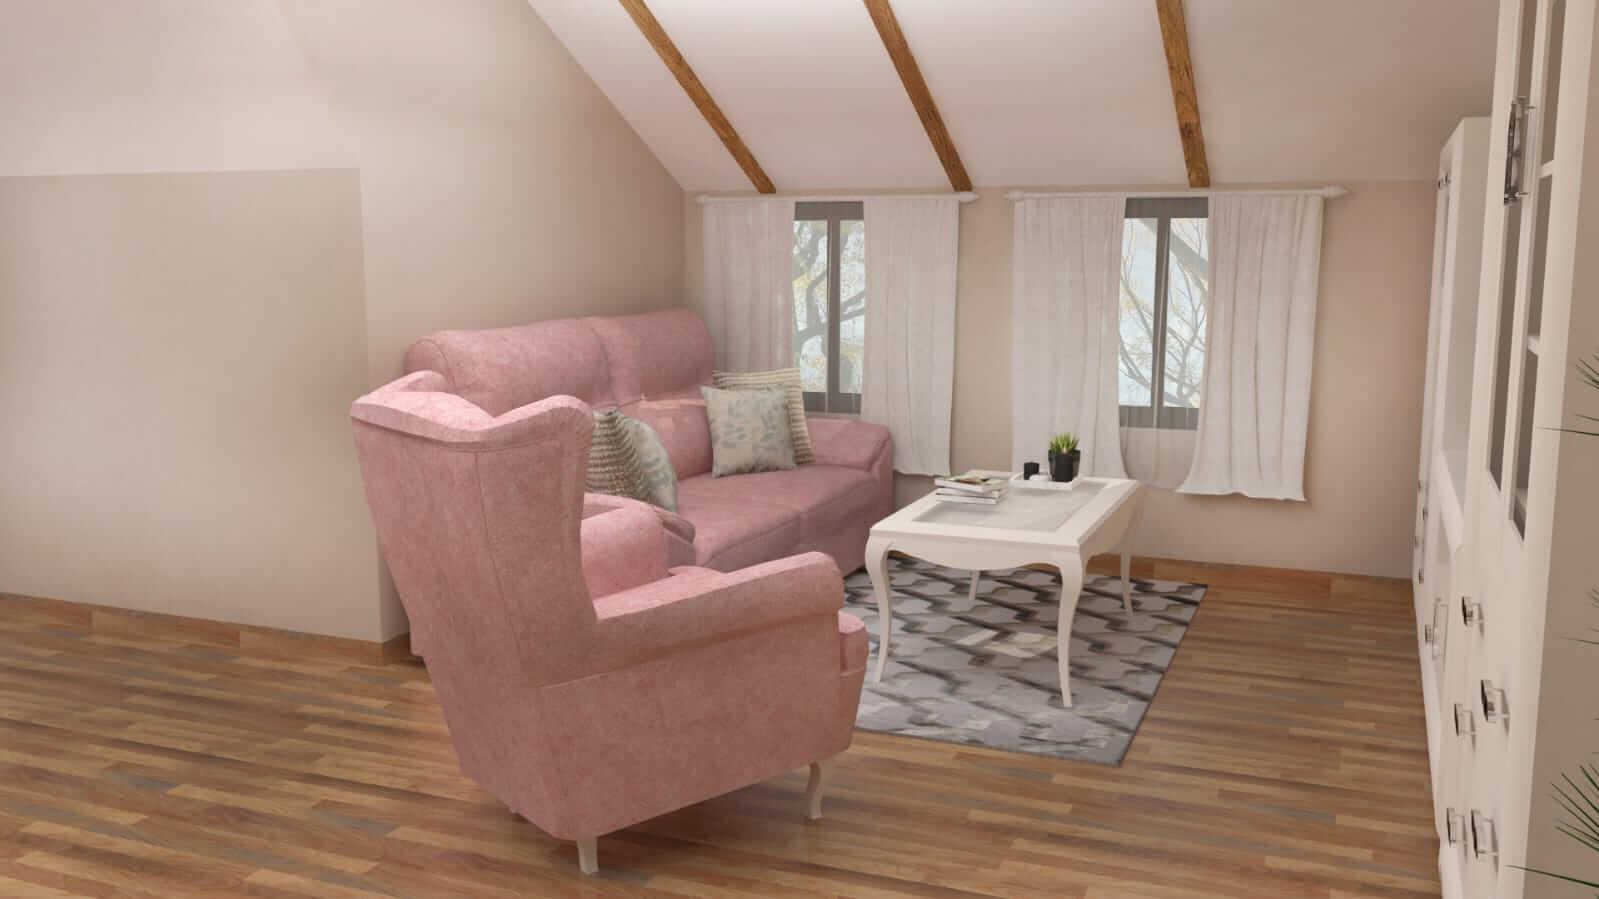 Diseño 3d Muebles Tante 21